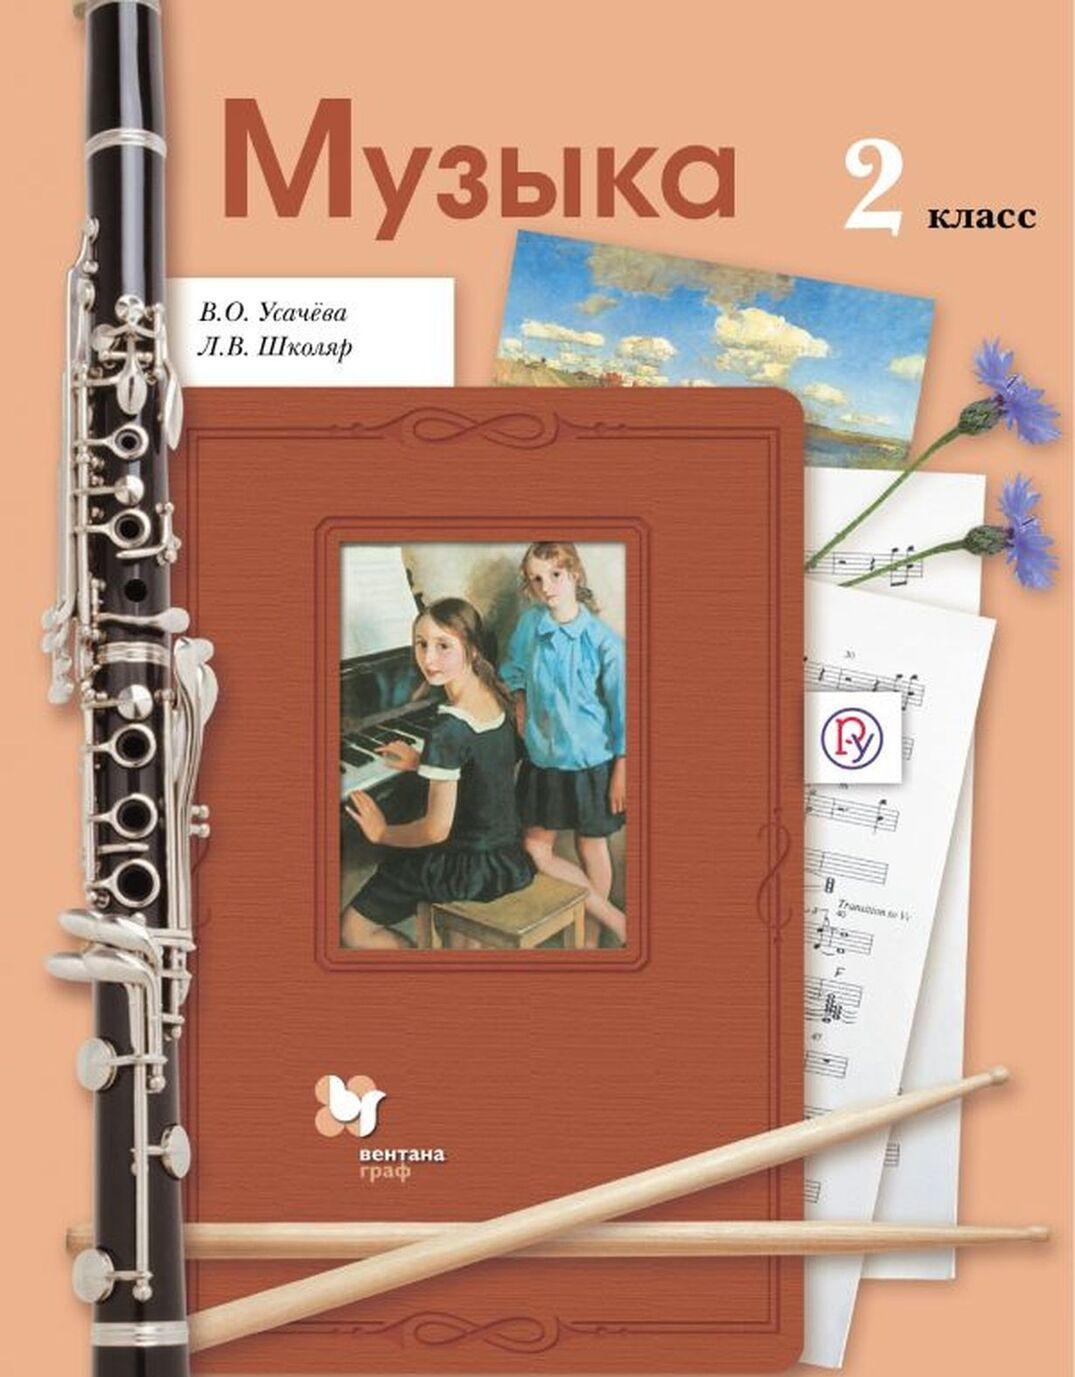 Muzyka. 2klass. Uchebnik | Usacheva Valerija Olegovna, Shkoljar Ljudmila Valentinovna